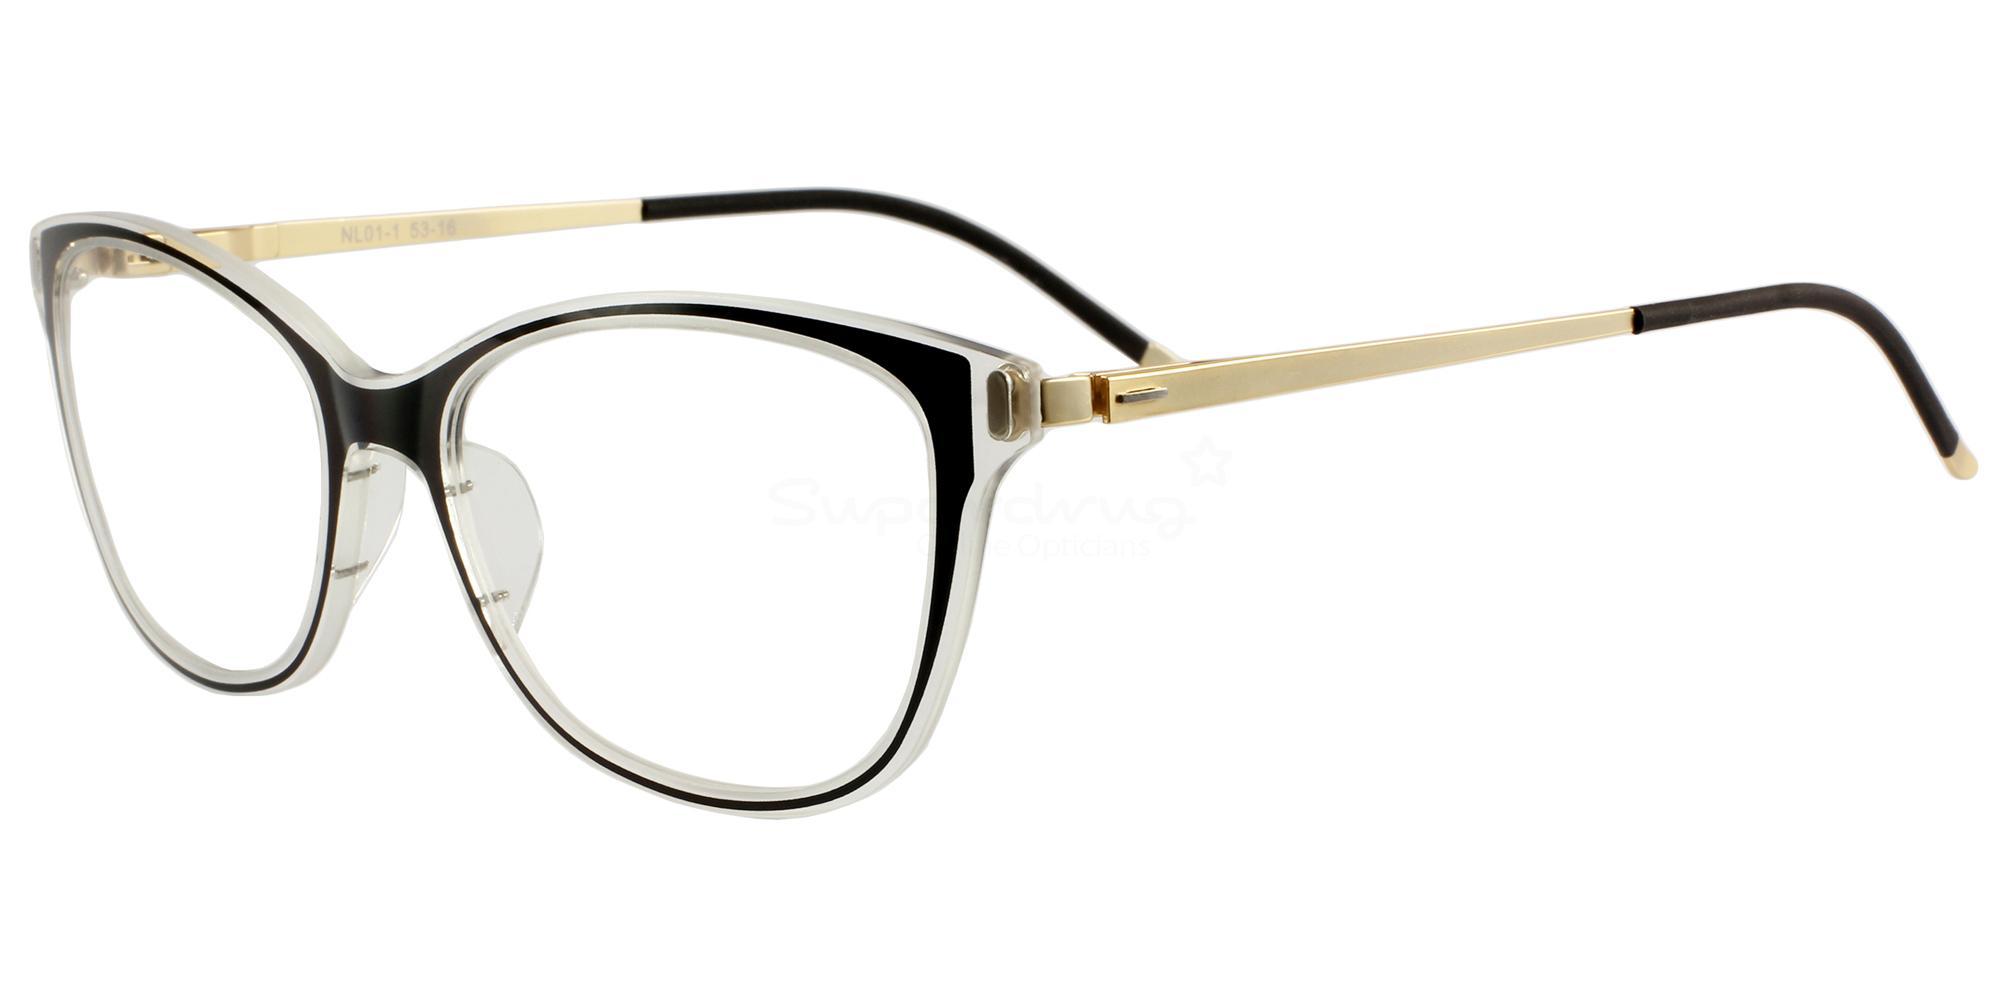 C1 01 Glasses, Nord Lite